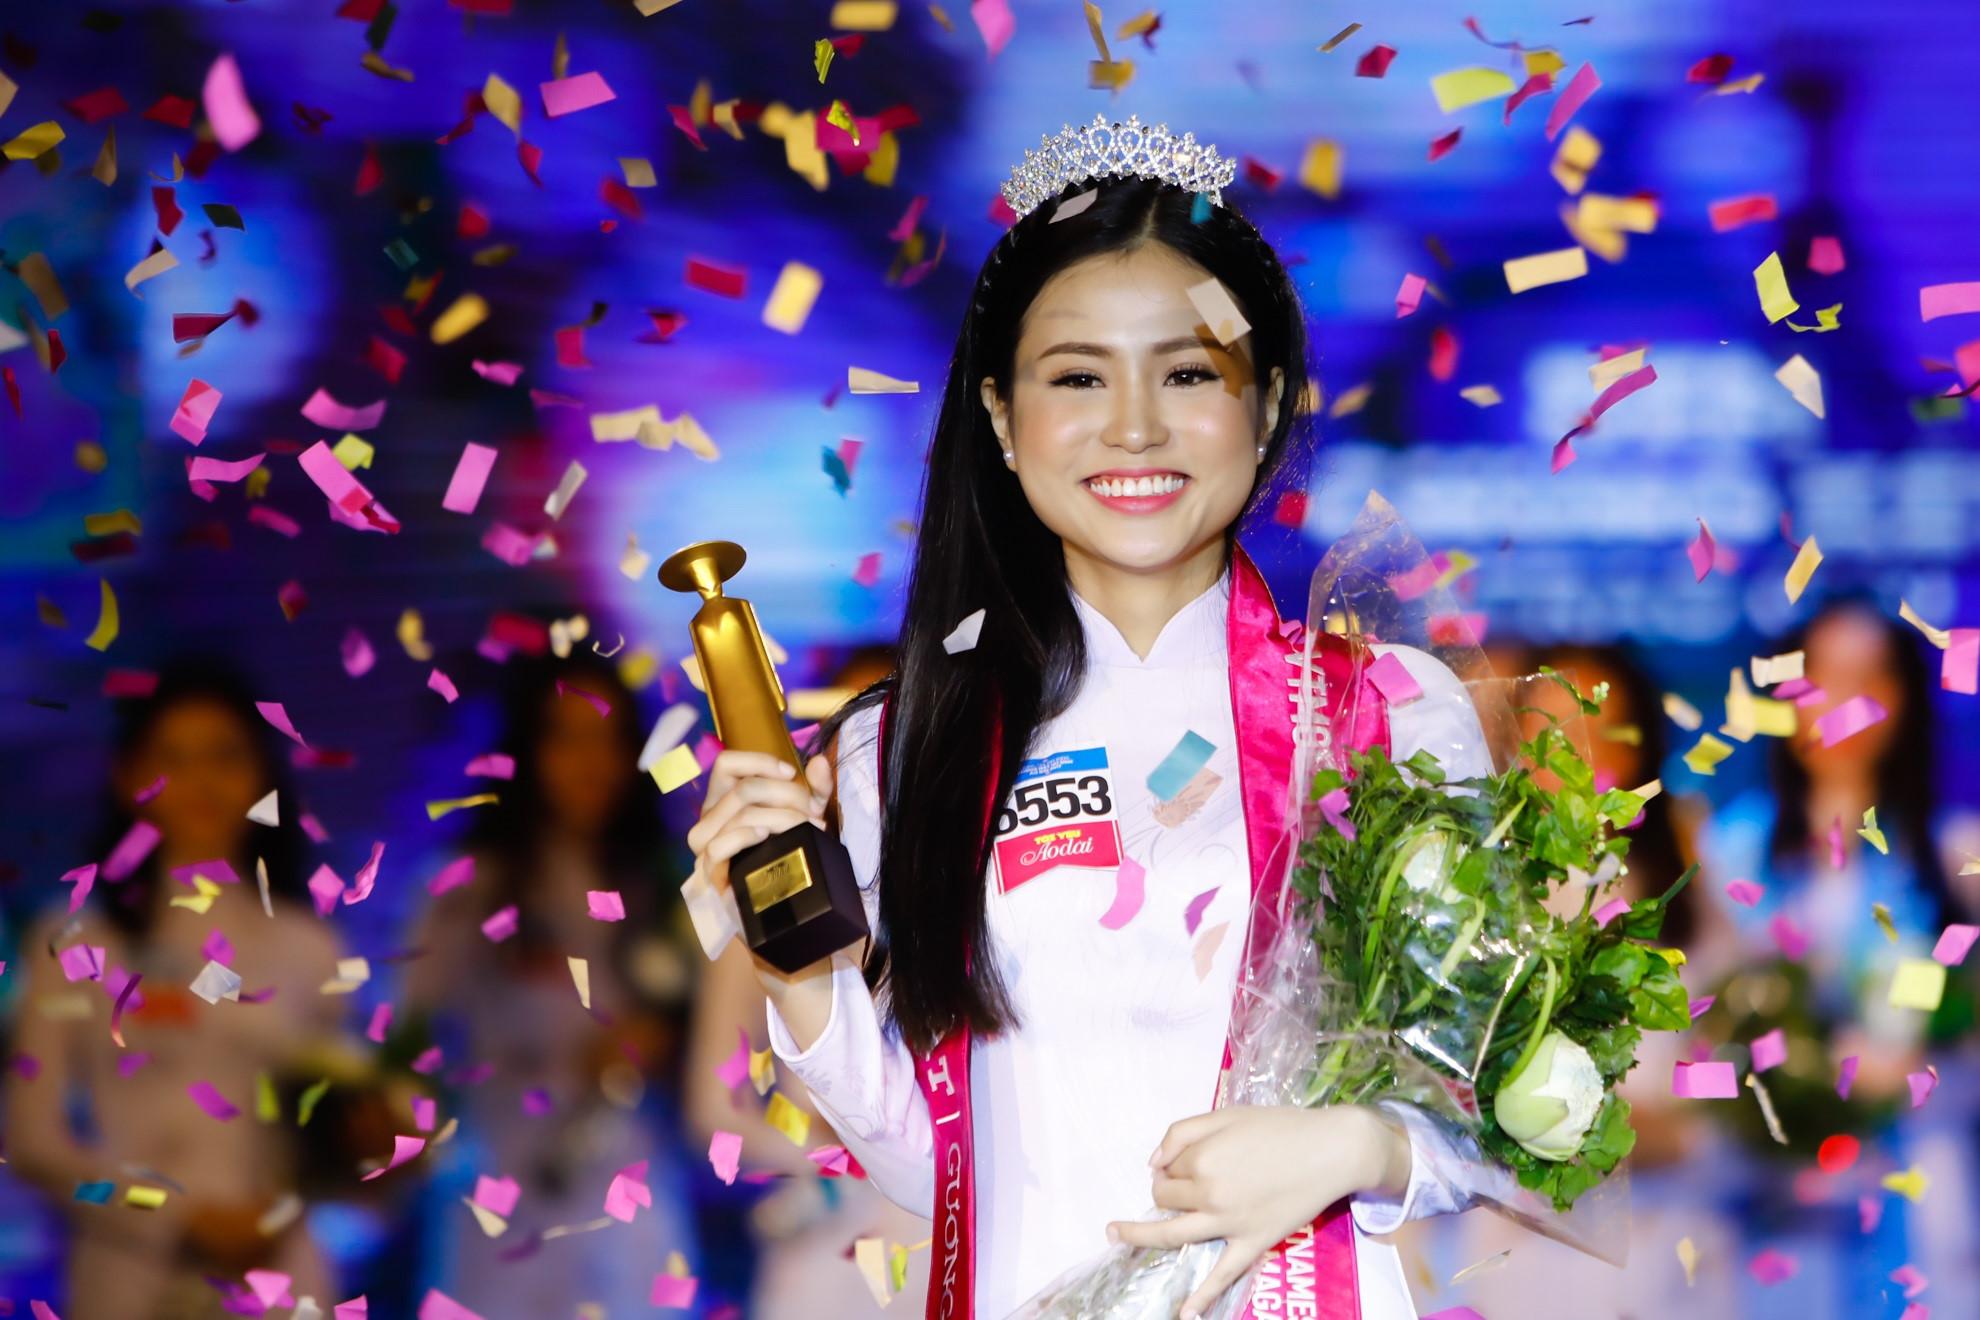 Nữ sinh 17 tuổi đoạt giải Hoa khôi nữ sinh áo dài 2017